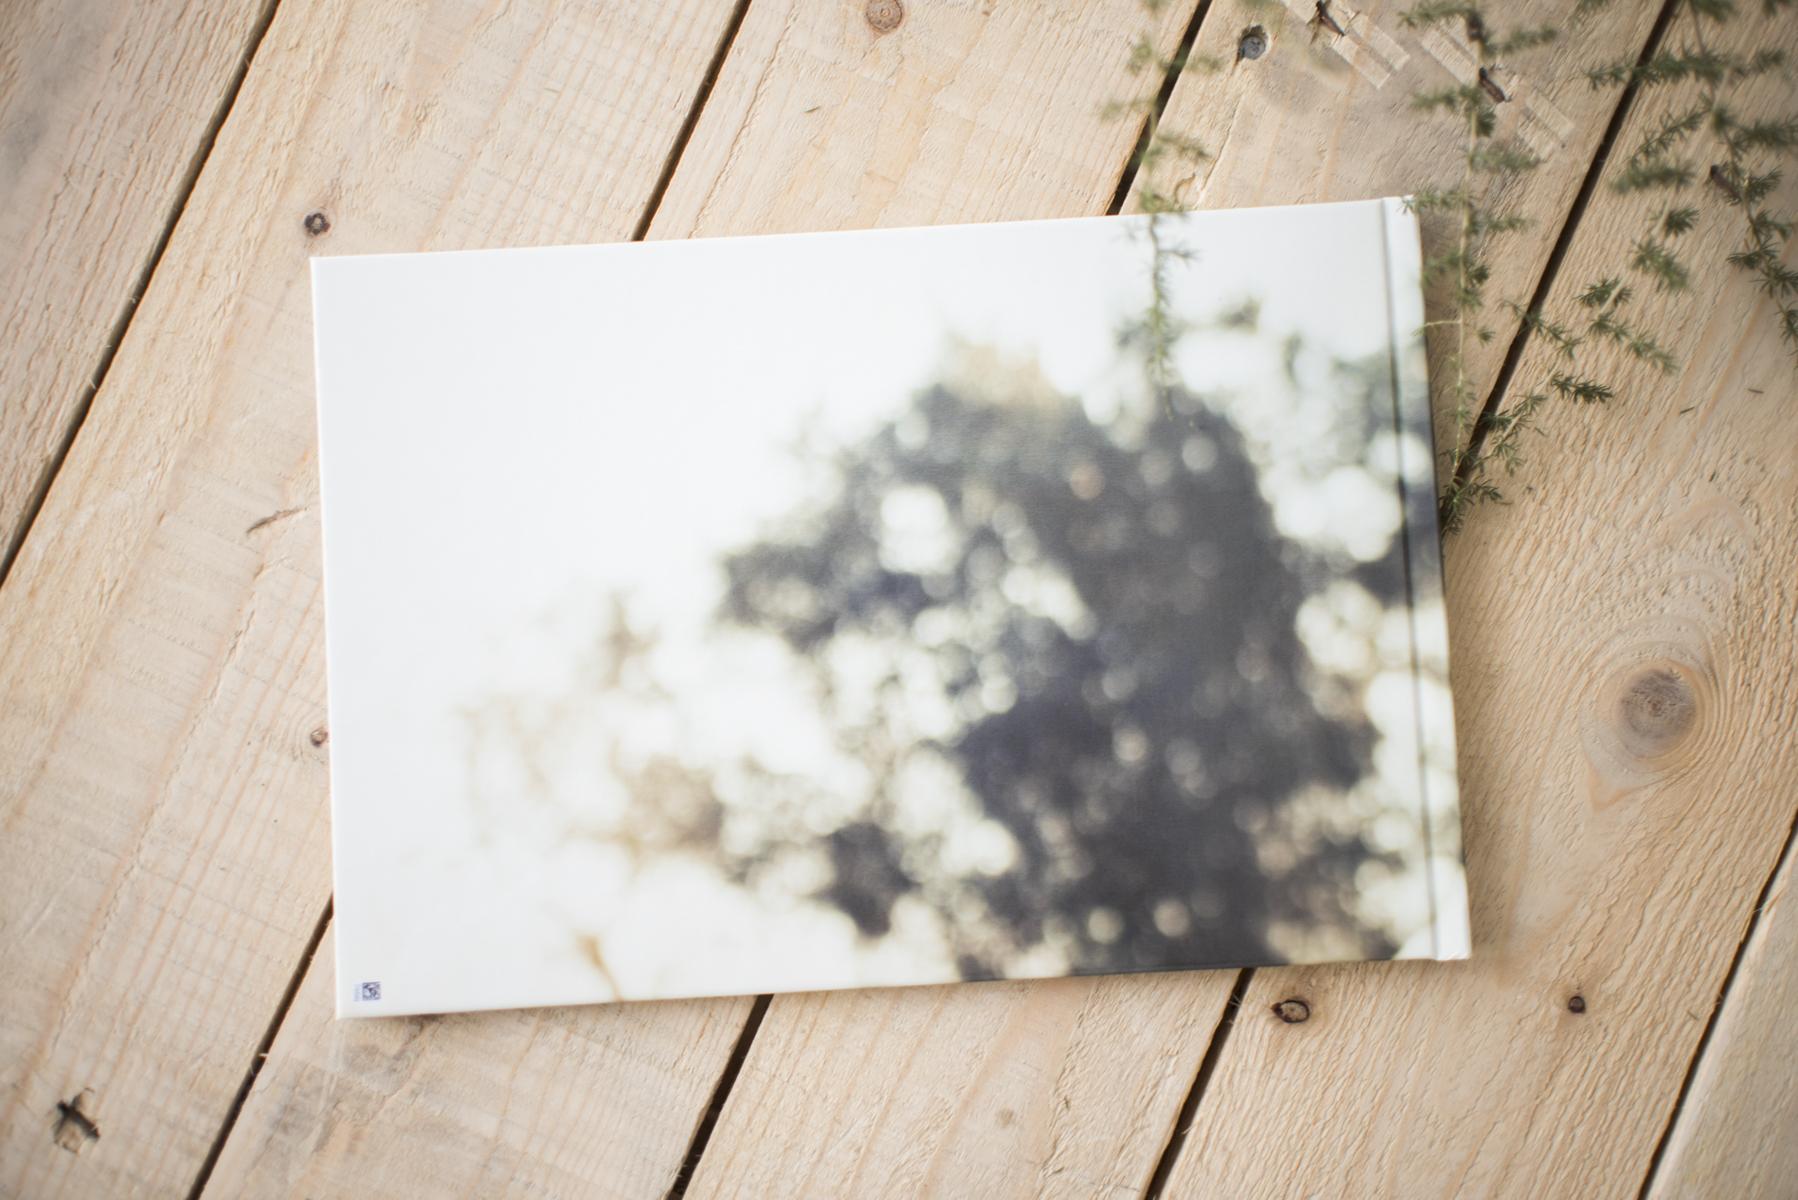 SAALDESIGN-MIAMOMENTSPHOTO-08.jpg